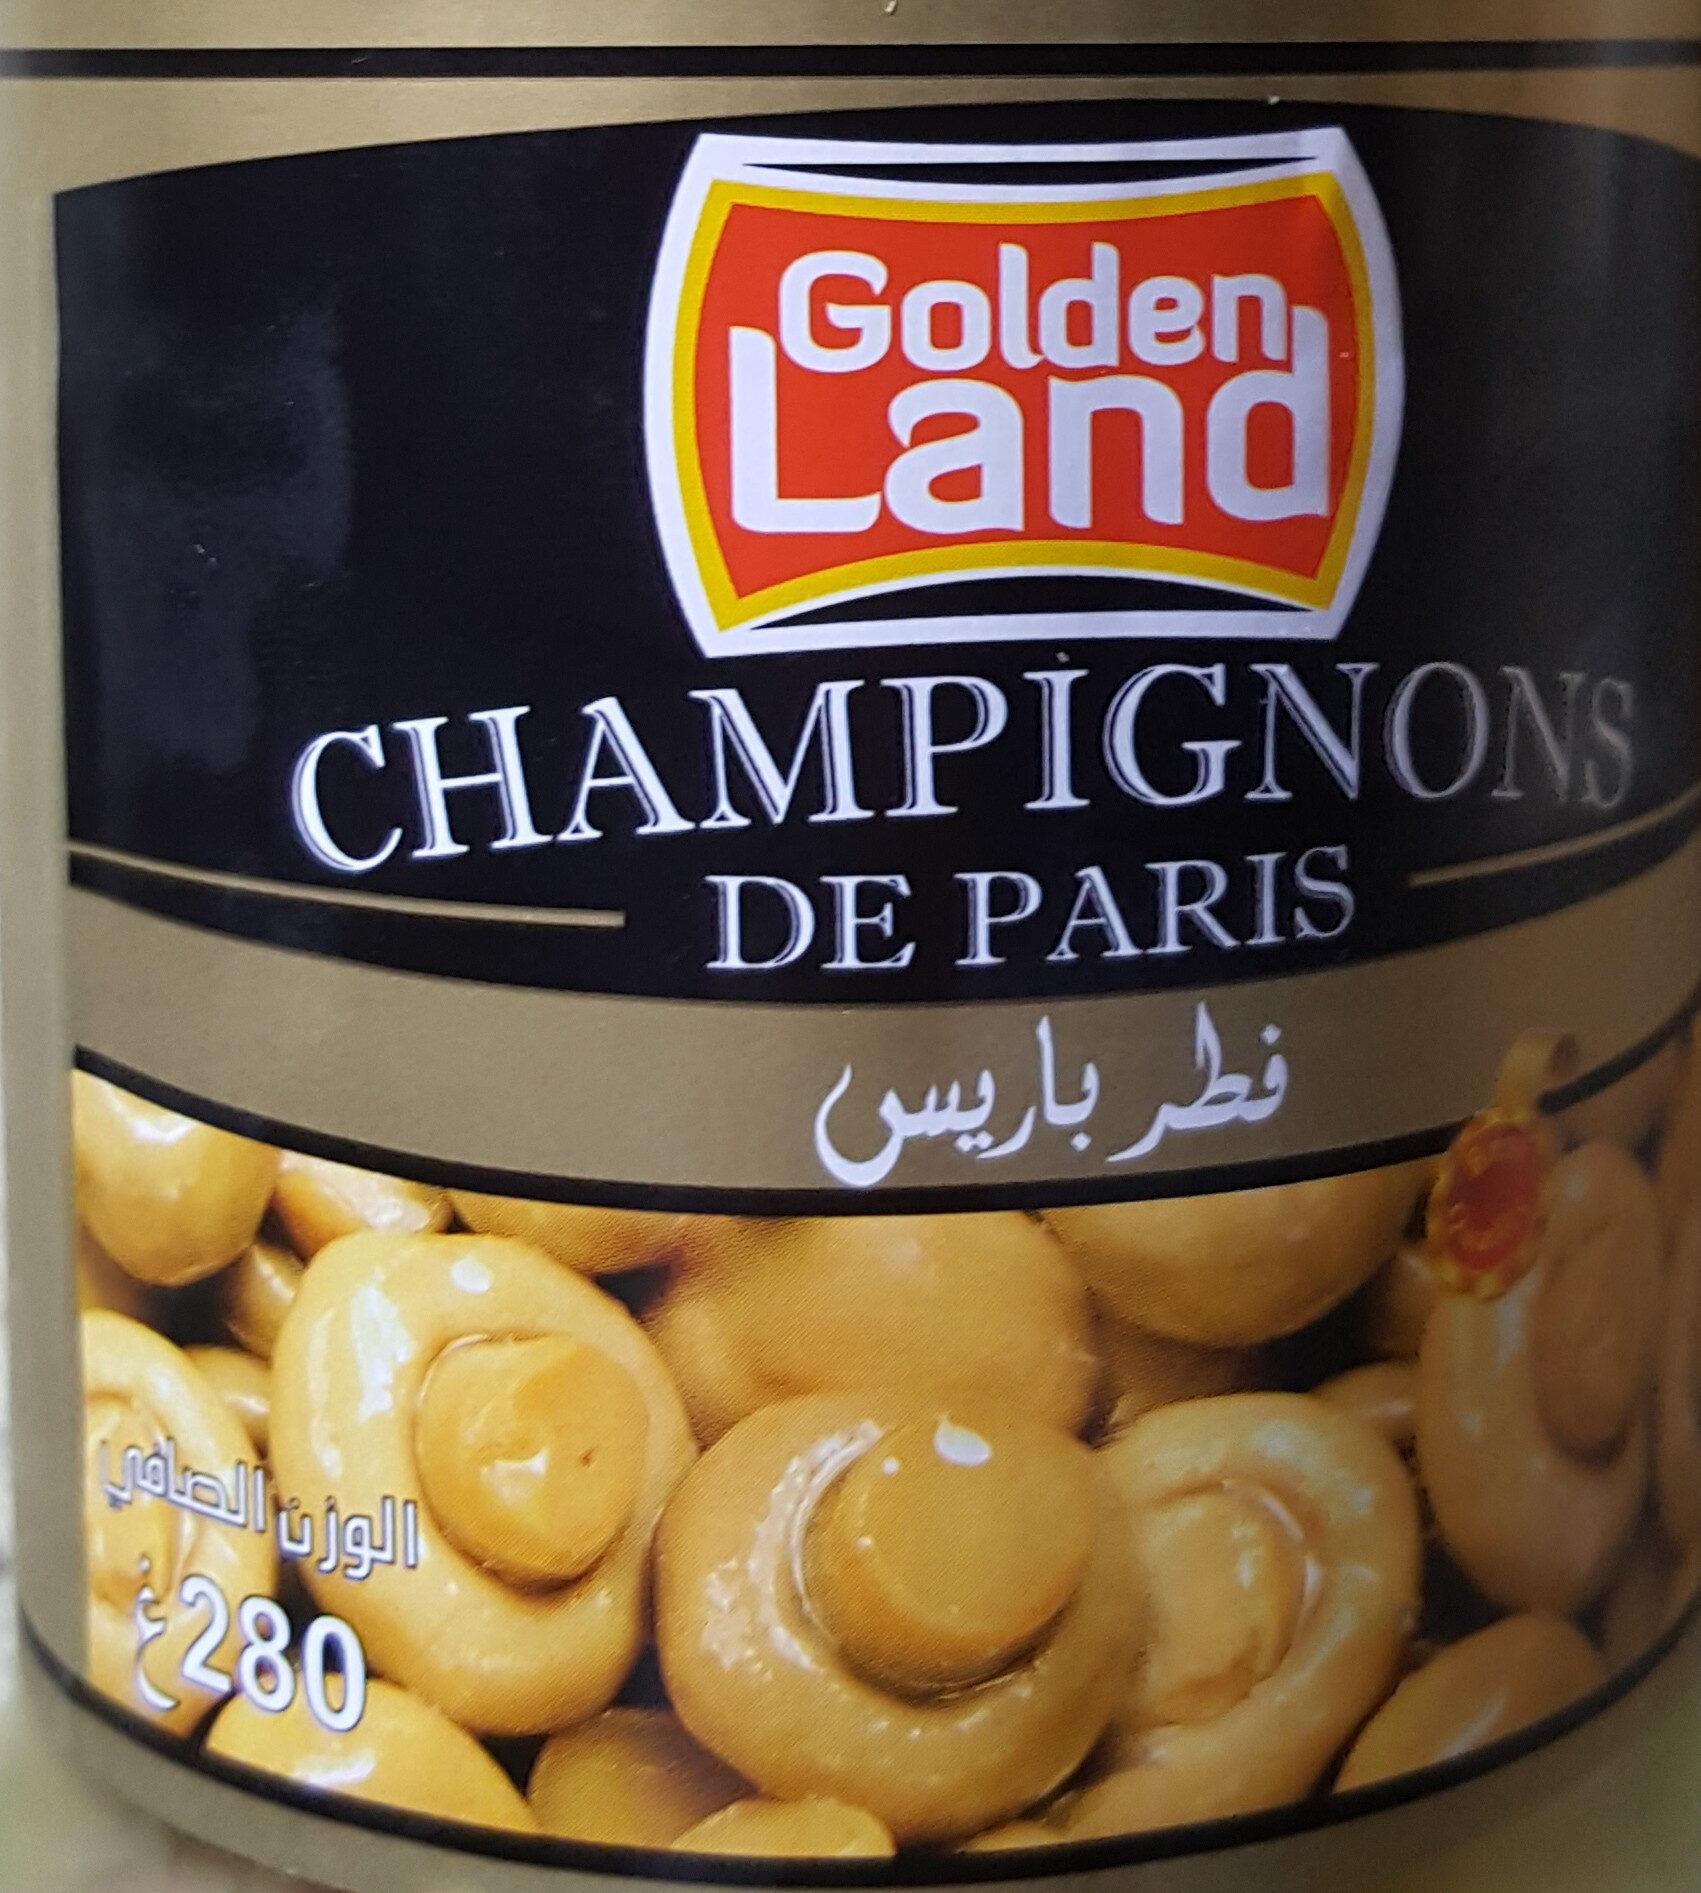 champignon de paris - نتاج - fr